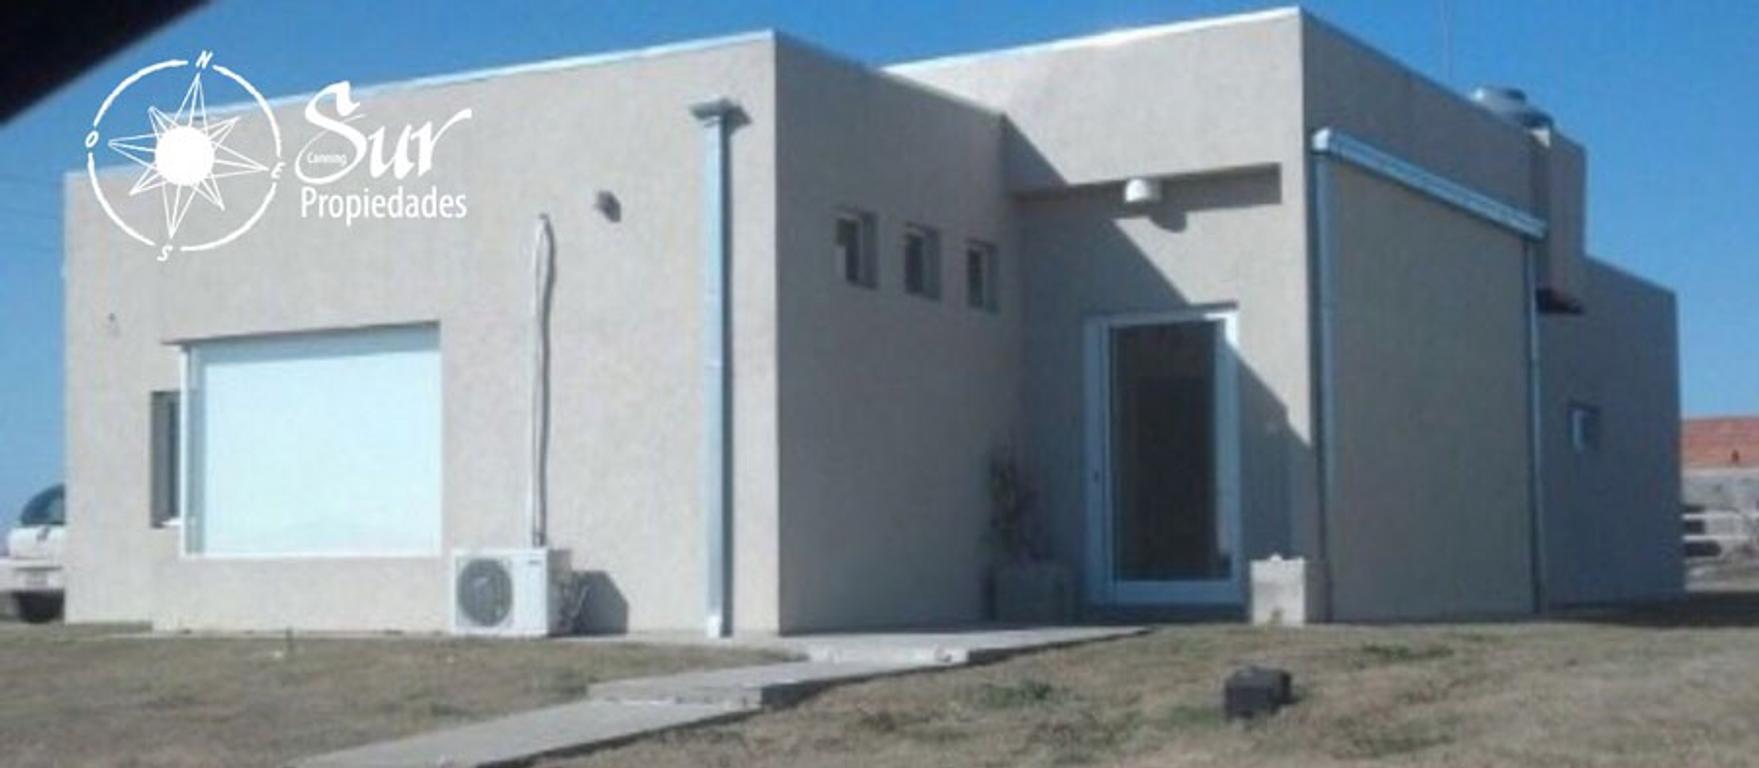 Casa estilo minimalista en Barrio Santa Rita - Canning - Acepta permuta !!!